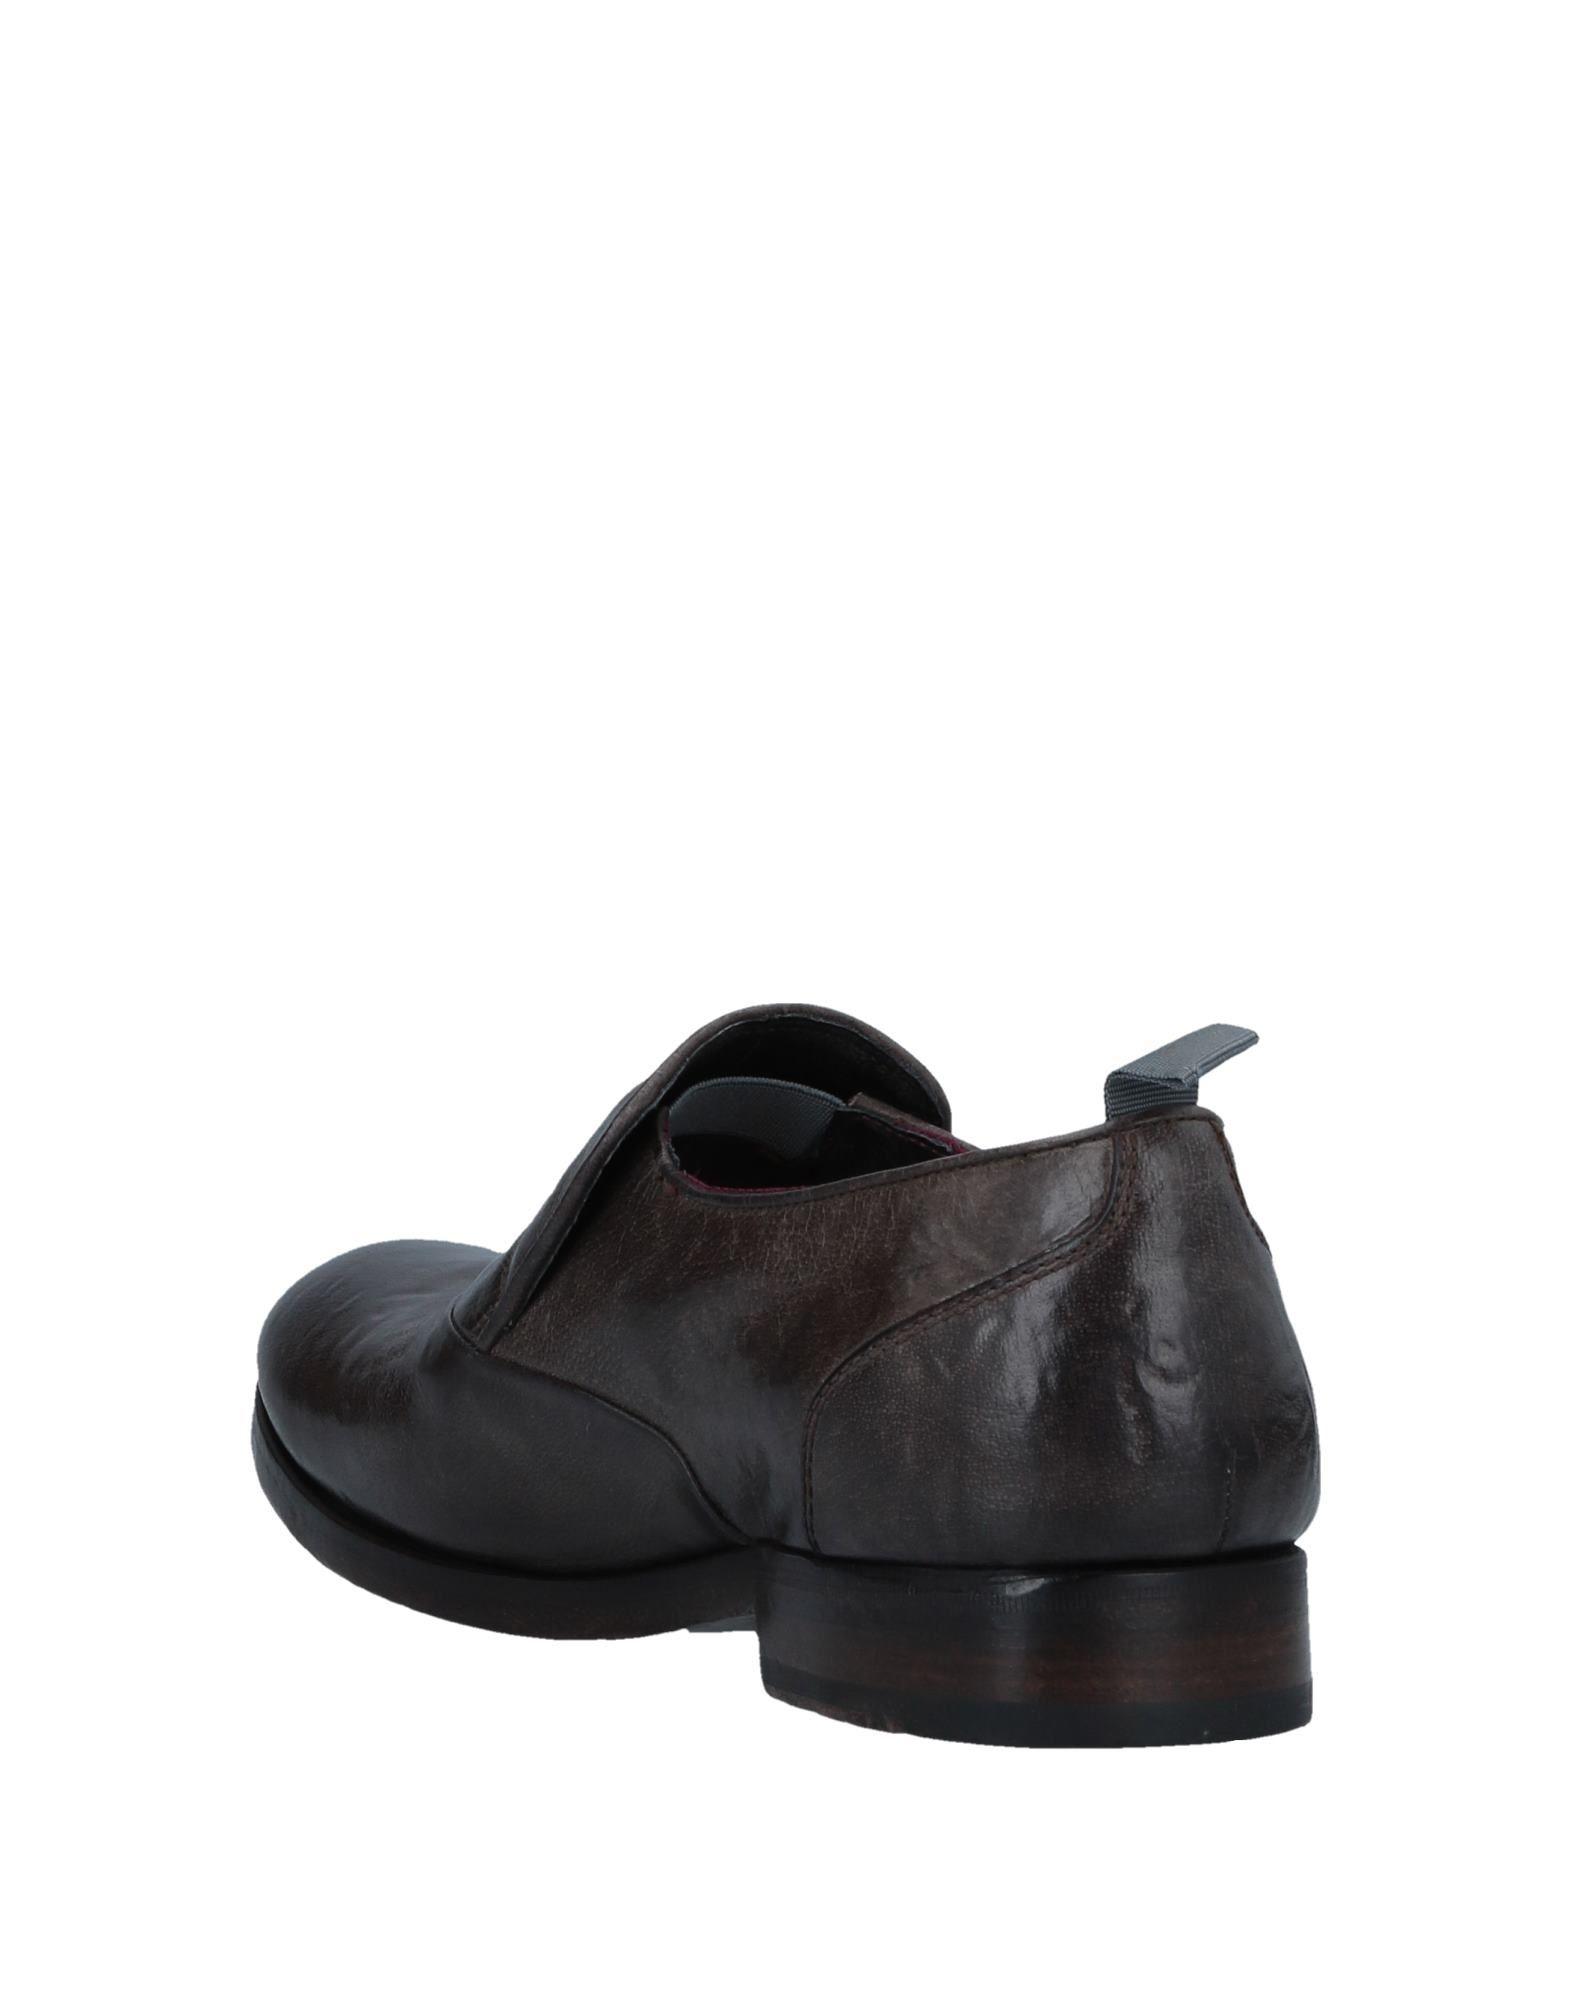 Barracuda Mokassins Herren  Gute 11532390JG Gute  Qualität beliebte Schuhe 944896